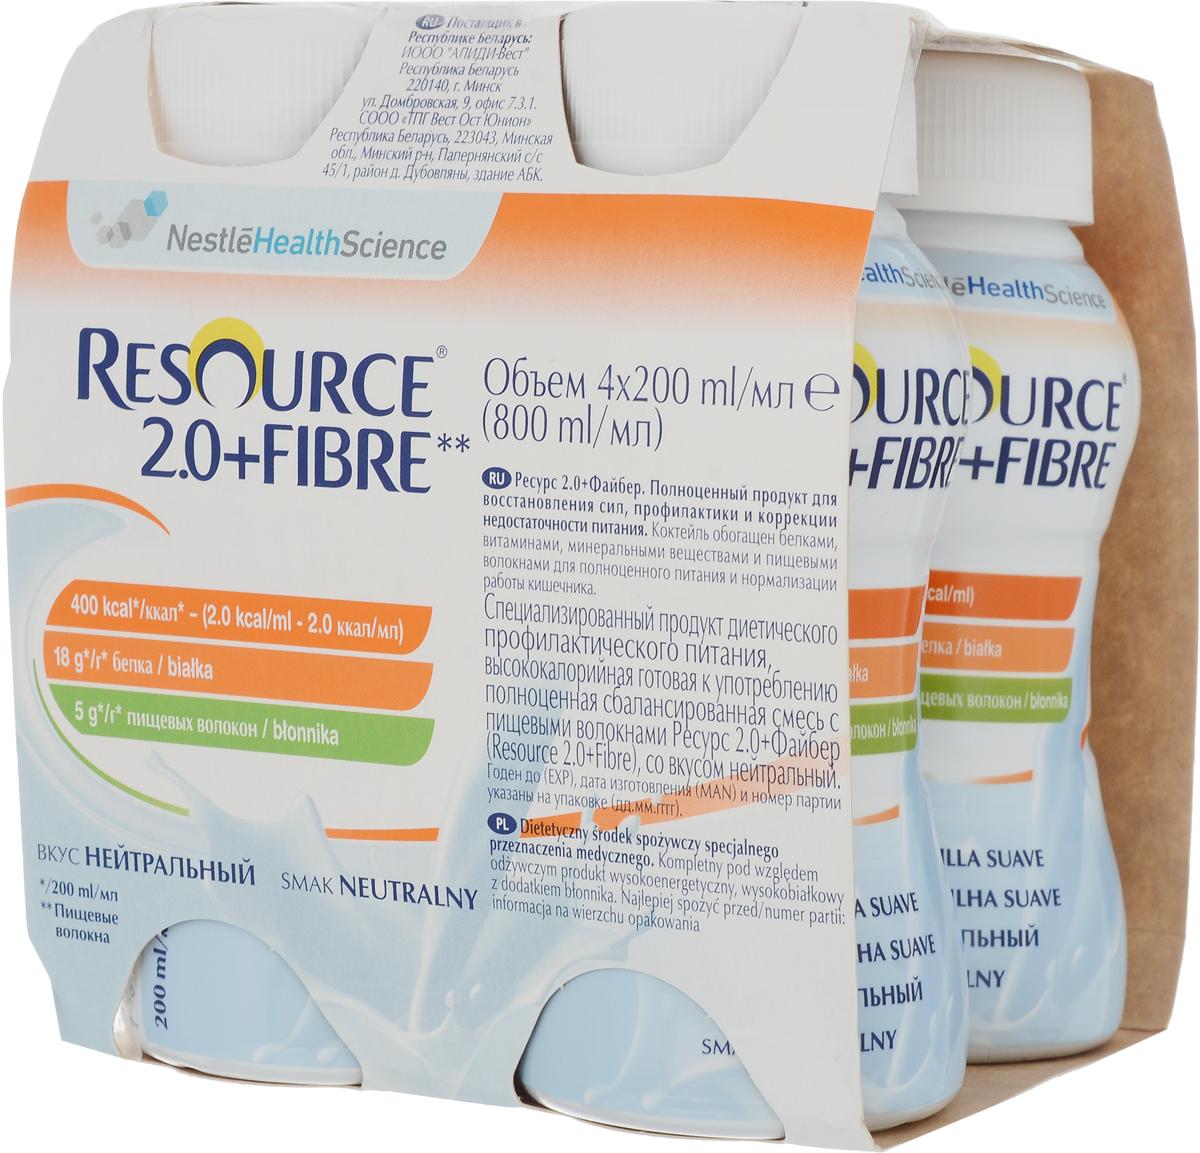 Resource 2.0+Fibre Продукт диетического профилактического питания, высококалорийная смесь с пищевыми волокнами с нейтральным вкусом, 4 шт по 200 мл